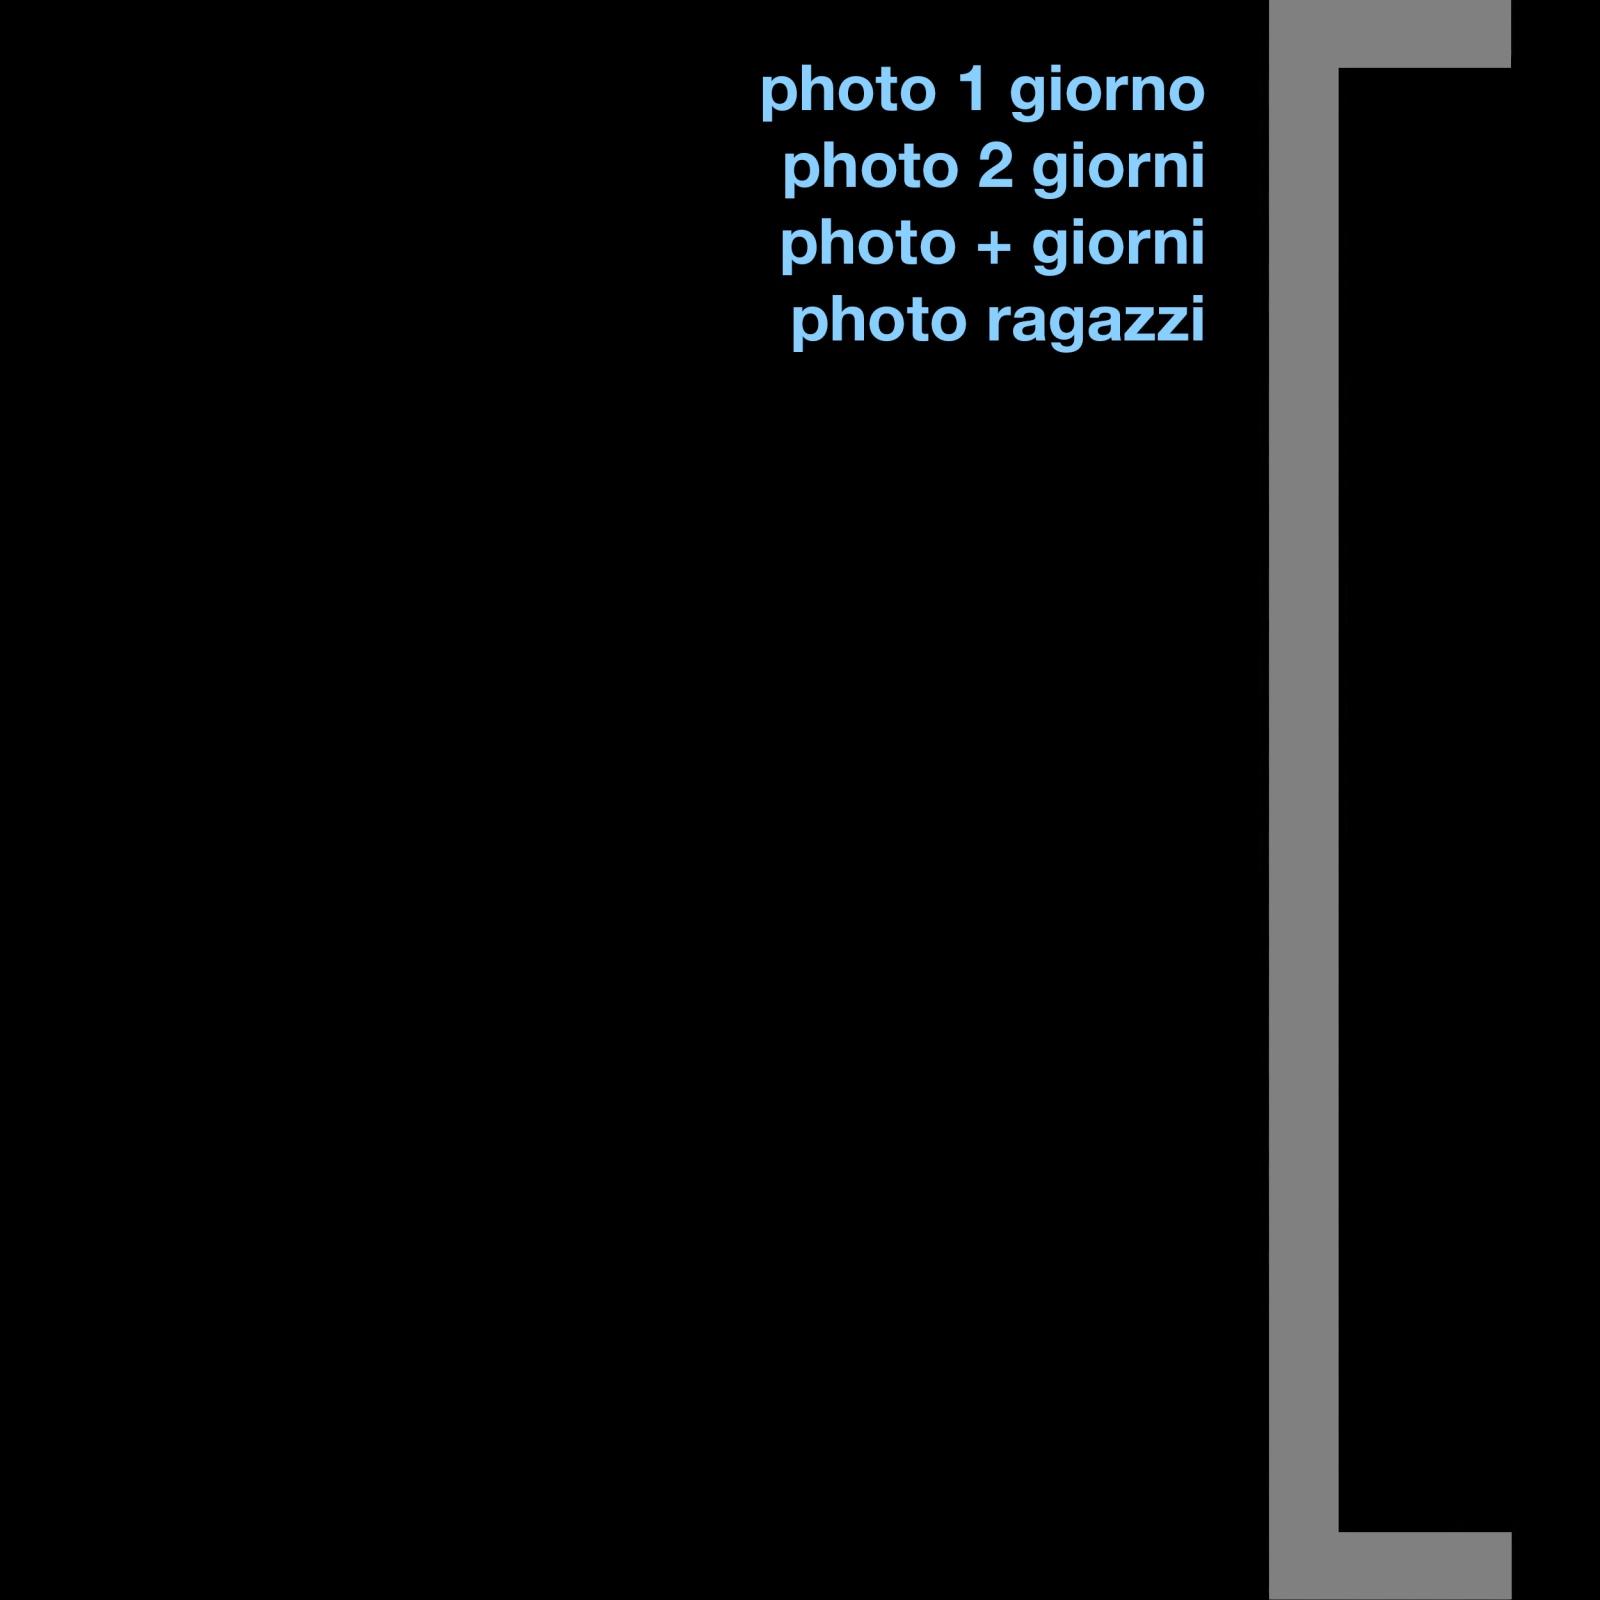 workshop - photofreelance organizza workshop che vanno da uno a più giorni con l'intento di far conoscere le varie tecniche fotografiche oltre a promuovere la cultura locale e territoriale.  architettura e paesaggio fanno da traino alle esperienze proposte: un modo pratico e piacevole per migliorare il proprio stile fotografico, conoscere nuovi posti e fotografare le loro bellezze.  photo 1 giorno si tratta in una piacevole escursione fotografica che si conclude nell'arco di una giornata.  partecipare è una buona occasione per imparare in modo pratico e immediato, accompagnati da un fotografo professionista, le tecniche inerenti la fotografia naturalistica e quella di paesaggio.  oltre che scoprire nuovi posti sarà anche un'occasione per confrontarsi, durante le escursioni, con altri appassionati.  photo 2 giorni consiste in una due giorni con pernottamento in albergo, in agriturismo, in tenda o in rifugio.  le mete selezionate offriranno spunti di interesse culturale e paesaggistico così da integrare le nozioni di tecnica fotografica con cenni di storia, di architettura e di tradizione locale.  ci sarà la possibilità di fotografare l'alba, il tramonto, il cielo stellato, stando insieme parlando di fotografia.  photo + giorni accompagnati da uno o più fotografi ci sarà modo, nell'arco di tre, quattro o più giorni, di imparare e approfondire la tecnica di ripresa fotografica nelle varie situazioni proposte.  saranno scelte destinazioni di forte impatto, con itinerari studiati anche in funzione dell'ora e della luce che si vuole catturare, per consentire la ripresa di fotografie particolari e suggestive. anche in questo caso si alterneranno momenti dedicati alla fotografia con altri incentrati sulla conoscenza dei luoghi.  photo ragazzi promuovere il reale nell'era virtuale: corsi sintetici di fotografia e giornate didattiche per le scuole con la fotocamera al collo. la macchina fotografica come mezzo per conoscere e apprezzare ciò che ci circonda. riconoscere un bosc